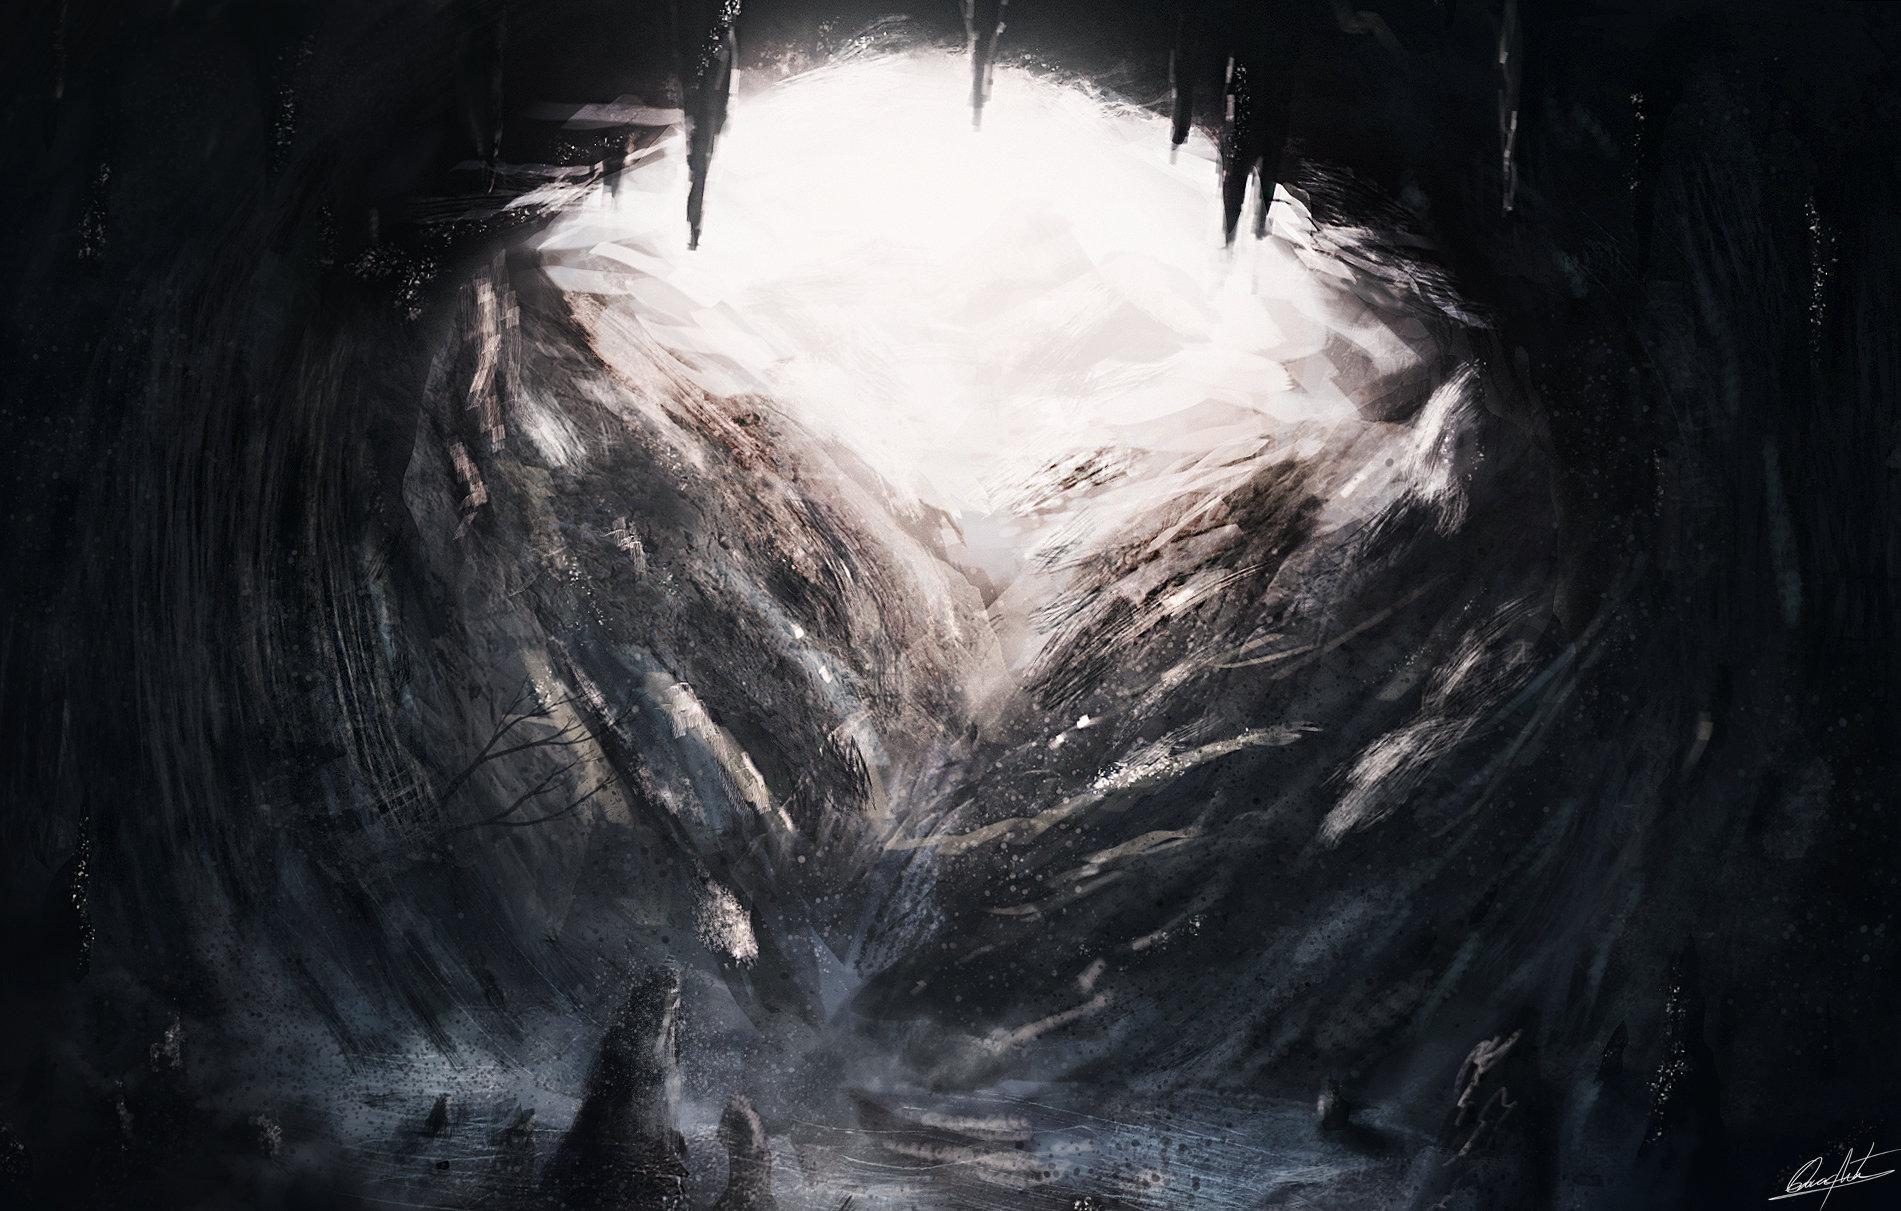 Cavern exit (speedpaint)